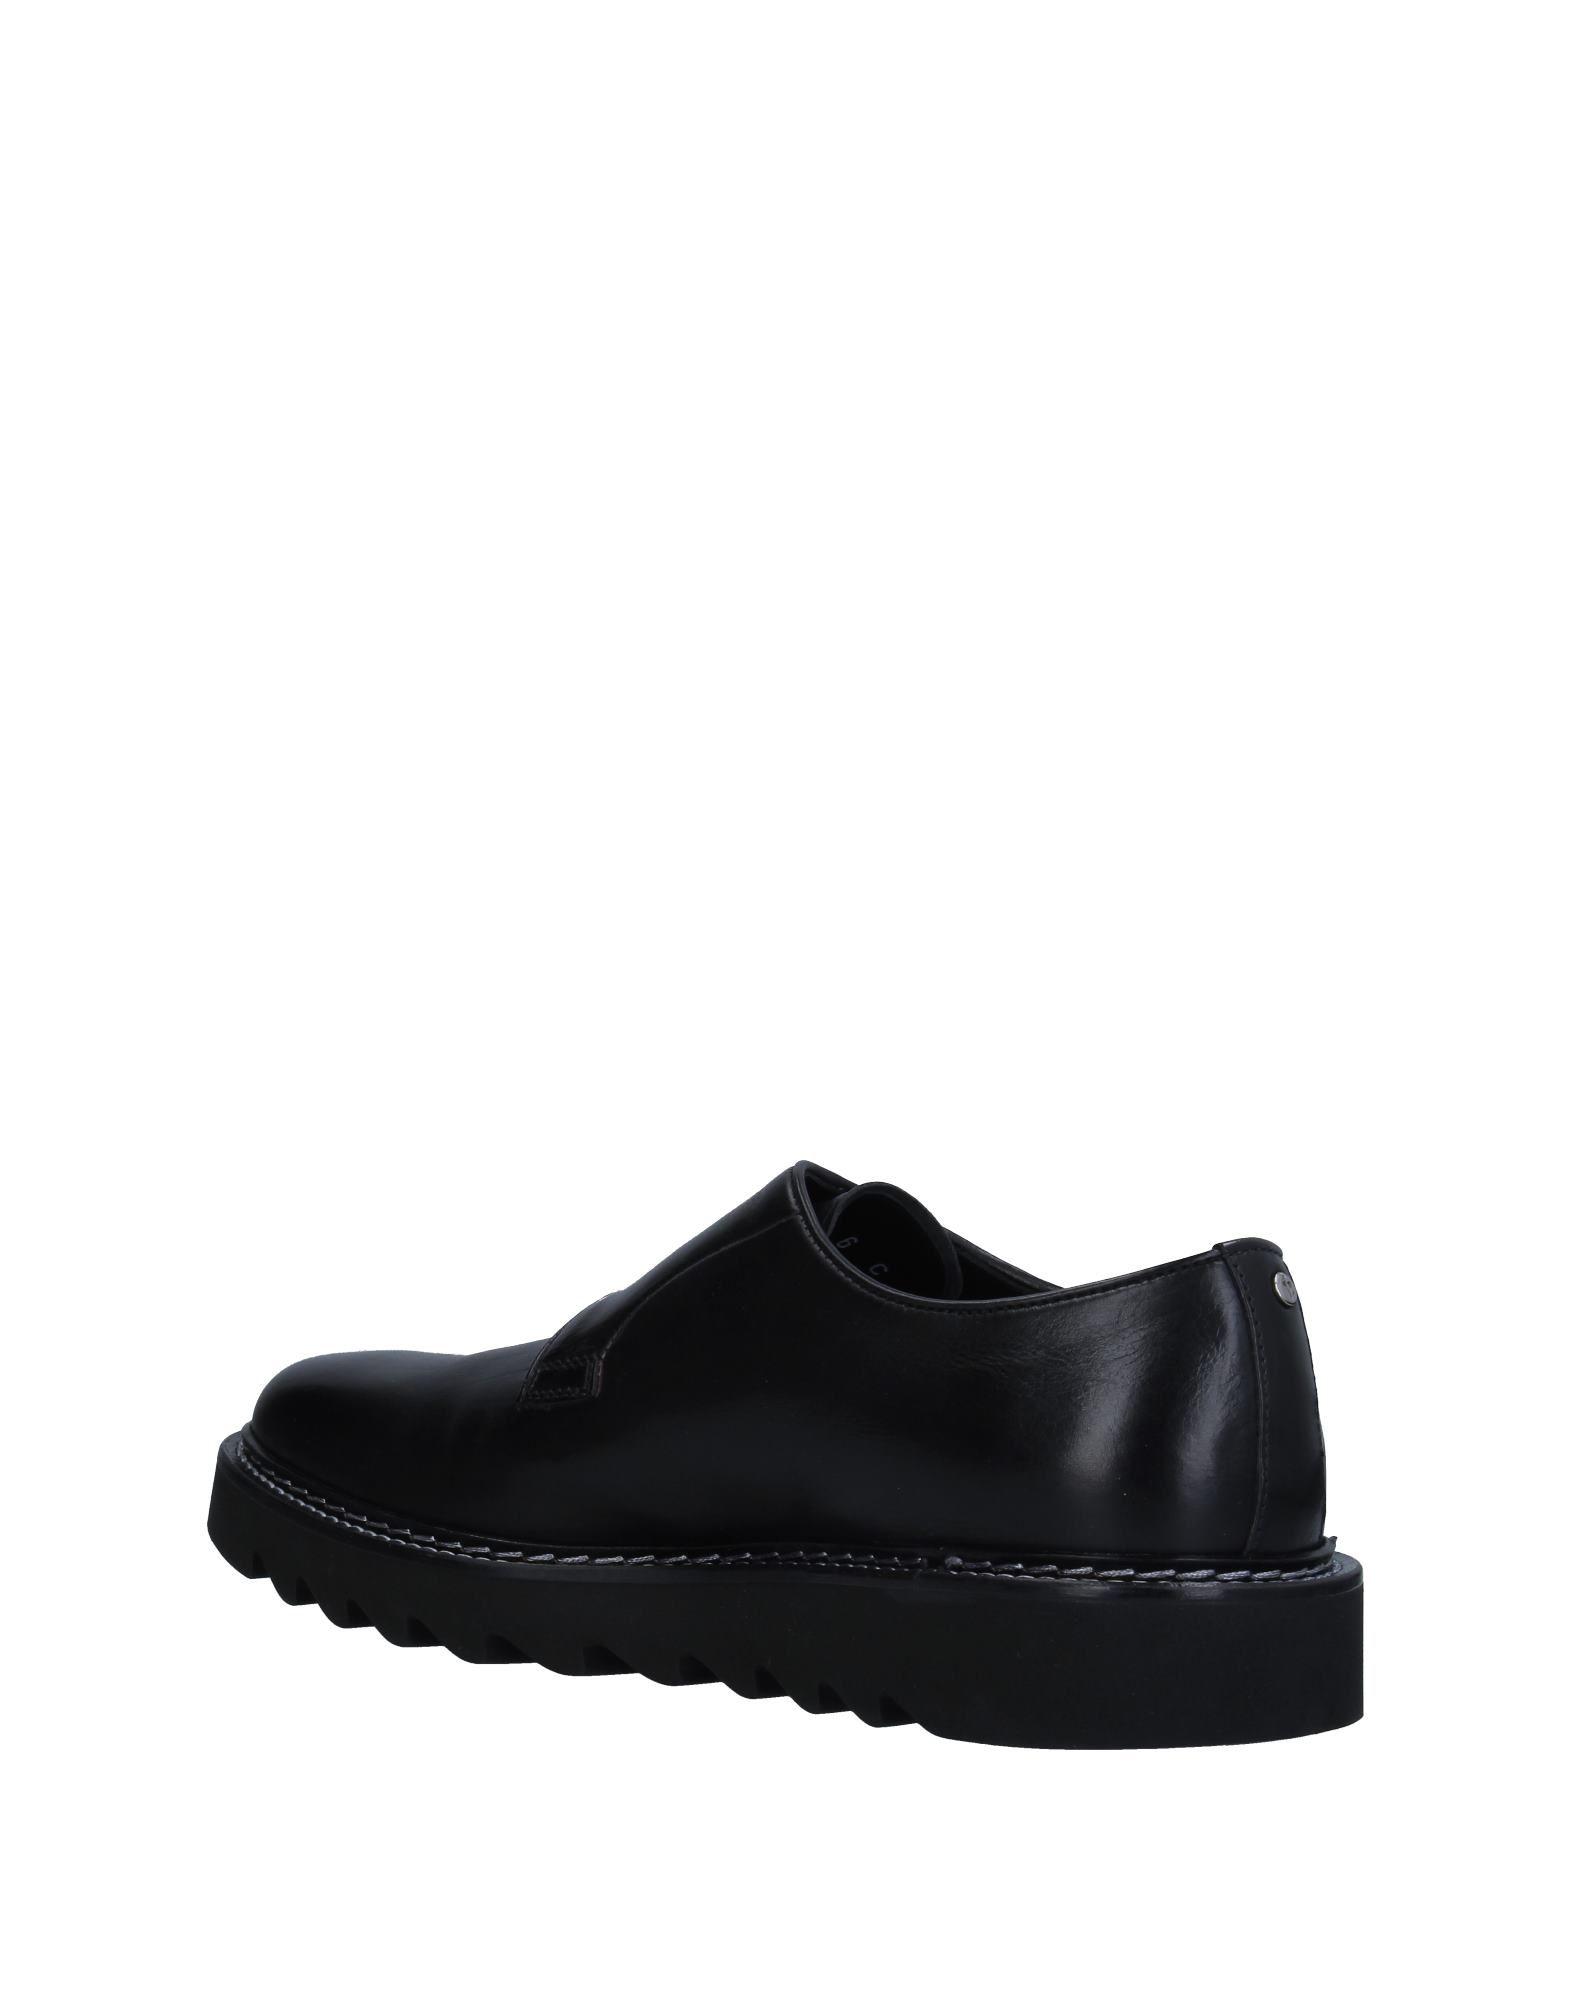 Cesare Paciotti Gute Mokassins Herren  11305062HO Gute Paciotti Qualität beliebte Schuhe dd82c4